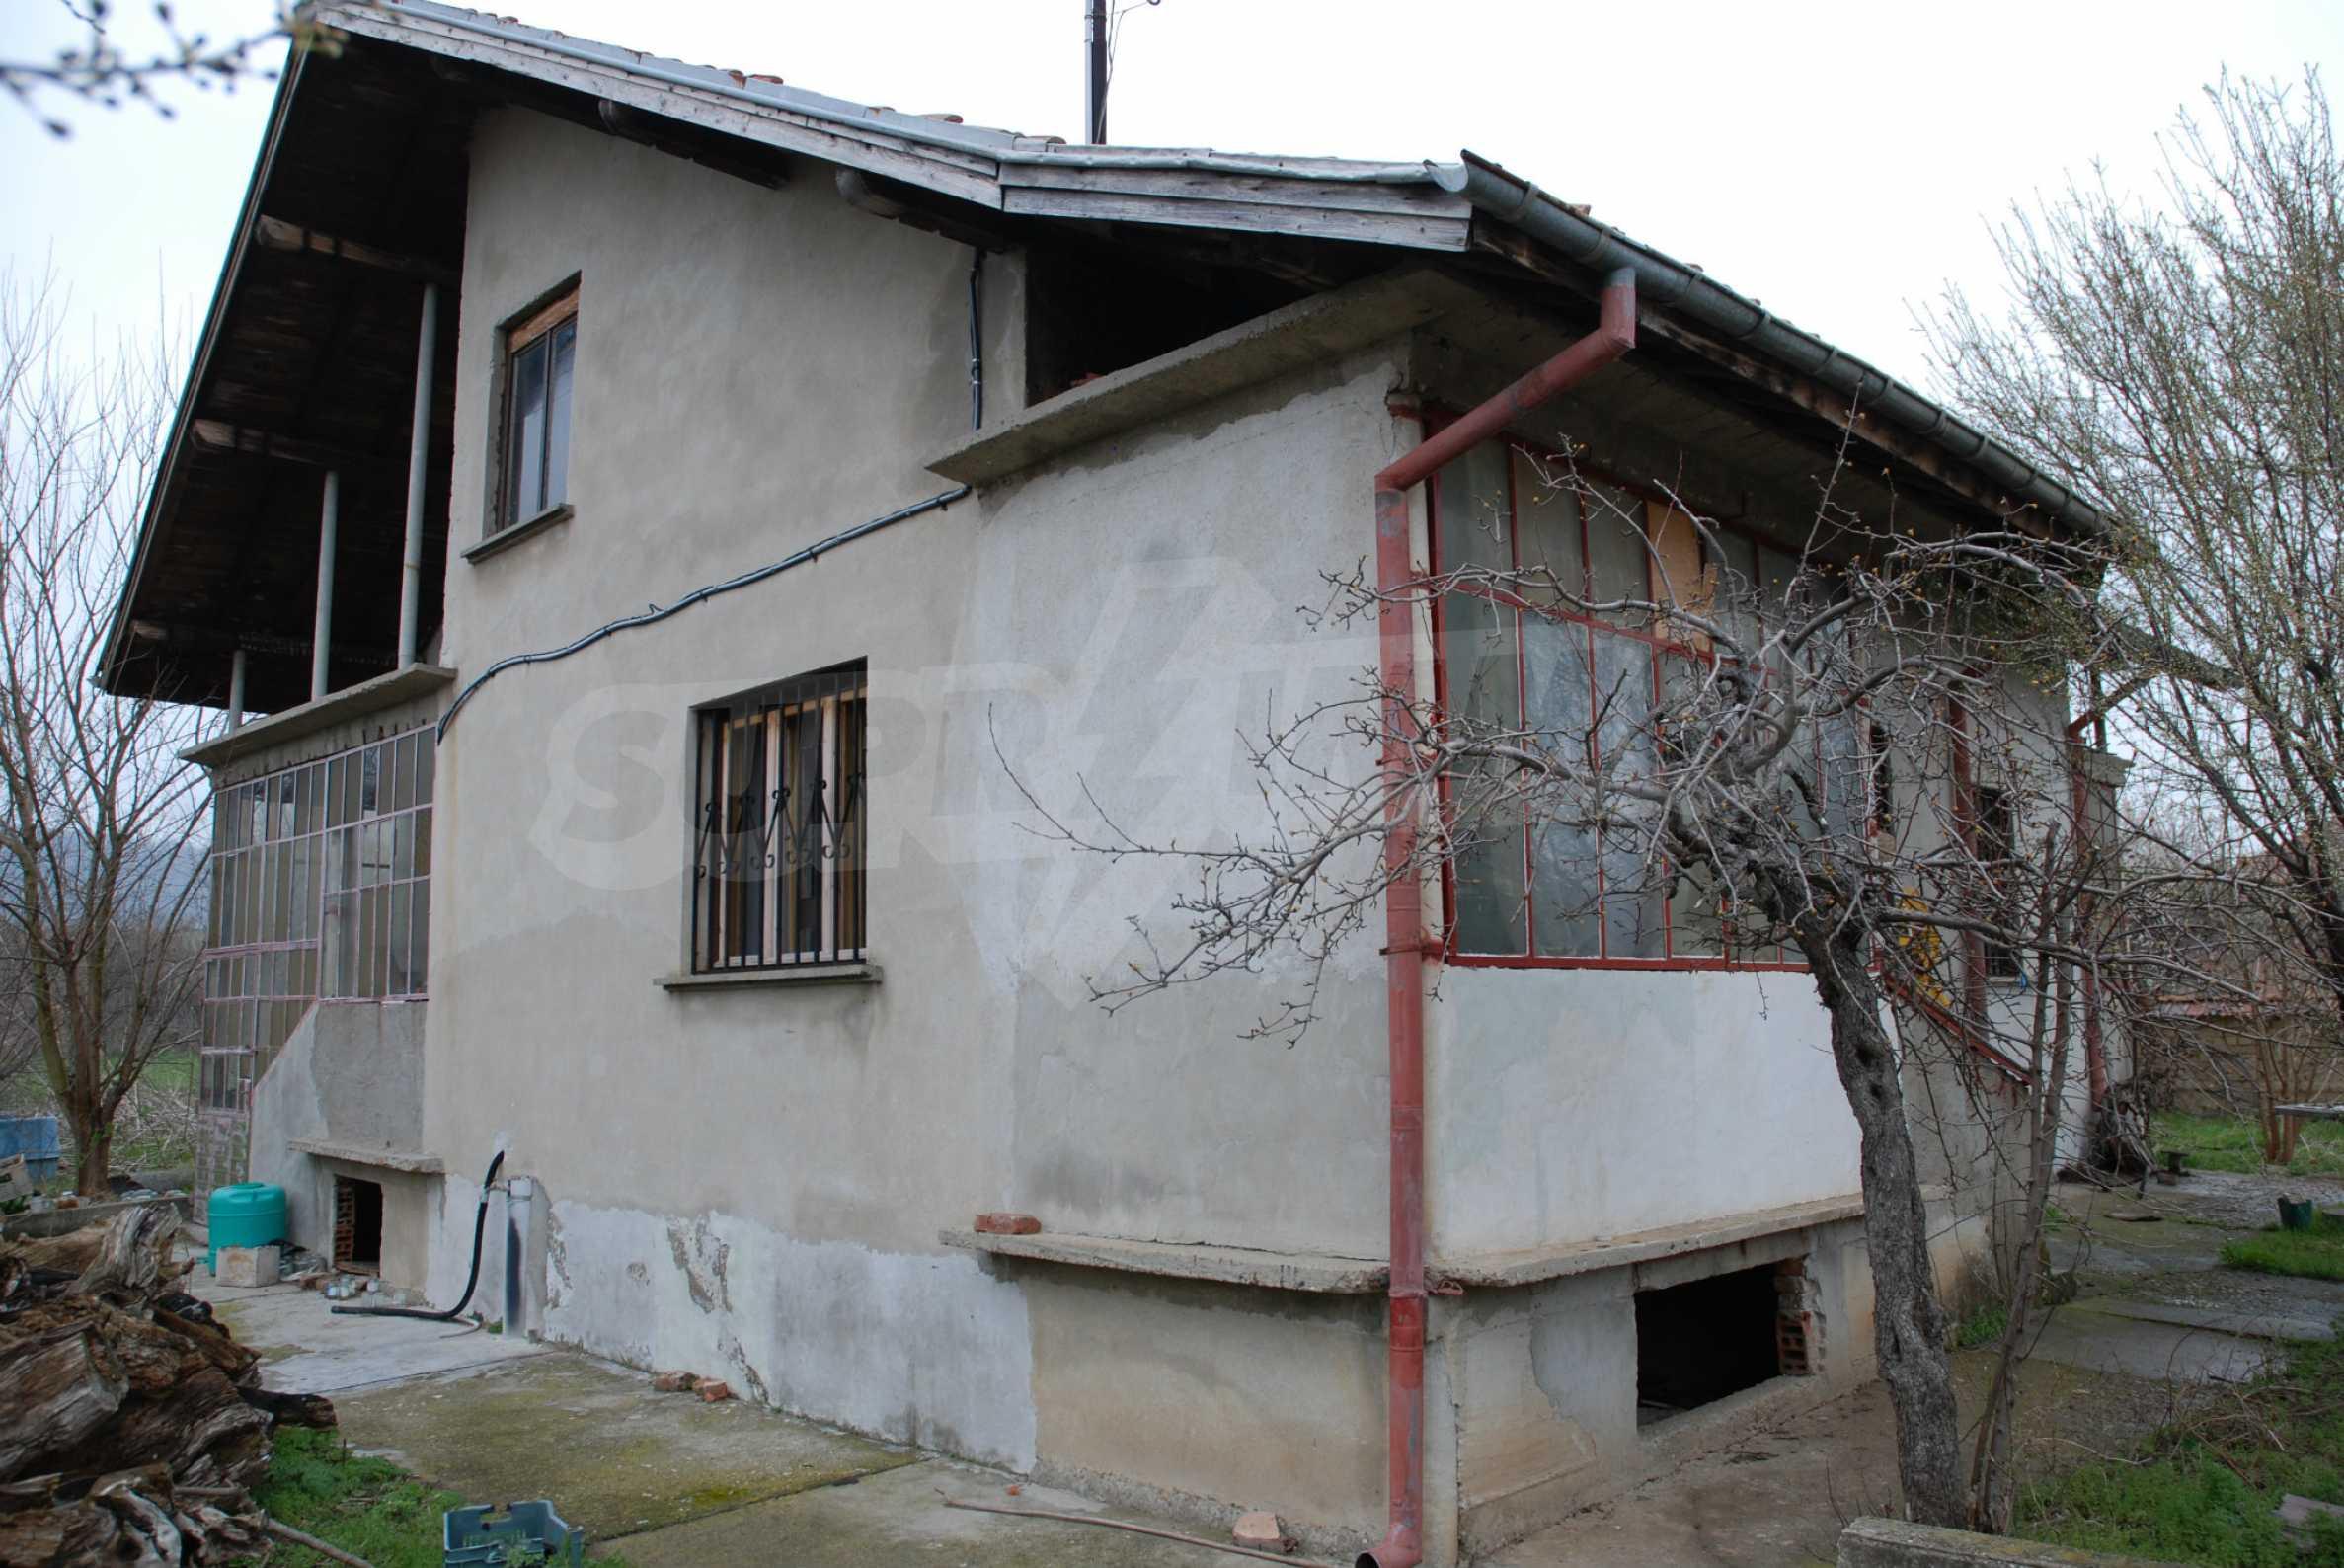 Ein solides, großes Haus in einem Dorf am Fluss 3